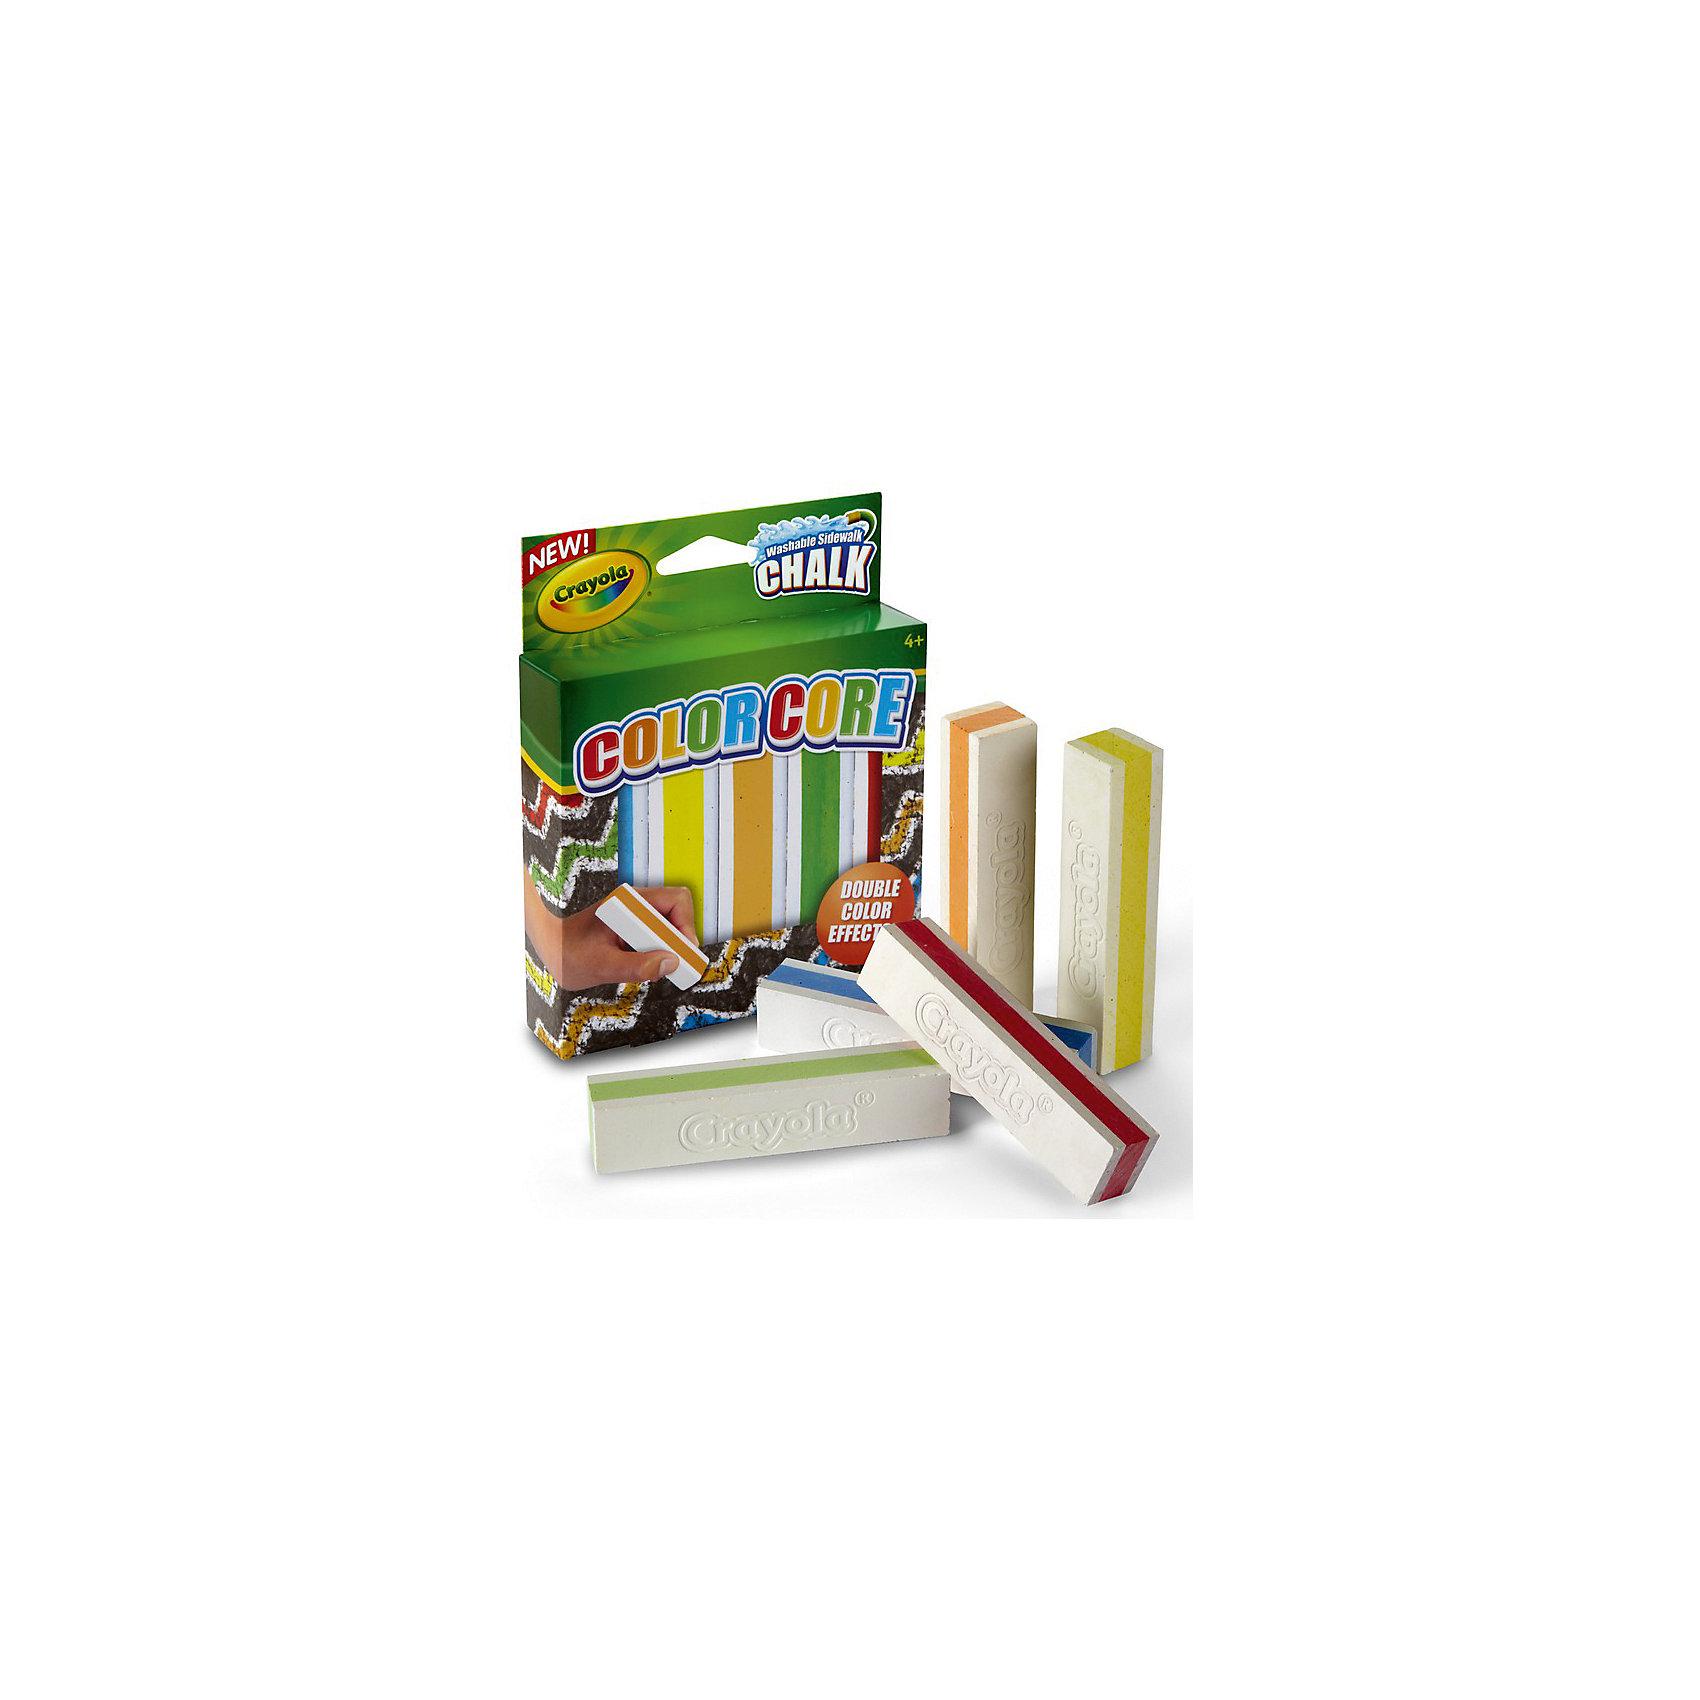 Набор мела для асфальта с цветными стержнями, 5 цв., CrayolaМелки для асфальта<br>Создавай уникальные шедевры прямо на асфальте с новыми восхитительными мелками Crayola (Крайола) с цветным стержнем!  <br><br>Эксклюзивные мелки Crayola (Крайола), несомненно, порадуют вашего ребёнка, ведь качественными мелками так просто сотворить яркий и неповторимый рисунок. В коробке 5 разноцветных прочных мелков высокого качества. Они не расколются и не поломаются при случайном падении или сильном нажиме. <br><br>Создавая новые картины на тротуаре или во дворе, ребёнок развивает креативные навыки и фантазию, стимулирует воображение и тренирует мелкую моторику рук. Оставь во дворе неповторимые яркие линии с помощью превосходных узорчатых мелков Crayola (Крайола)!<br><br>Набор мела для асфальта с цветными стержнями, 5 цв., Crayola (Крайола) можно купить в нашем магазине.<br><br>Ширина мм: 250<br>Глубина мм: 140<br>Высота мм: 100<br>Вес г: 230<br>Возраст от месяцев: 48<br>Возраст до месяцев: 108<br>Пол: Унисекс<br>Возраст: Детский<br>SKU: 4055306